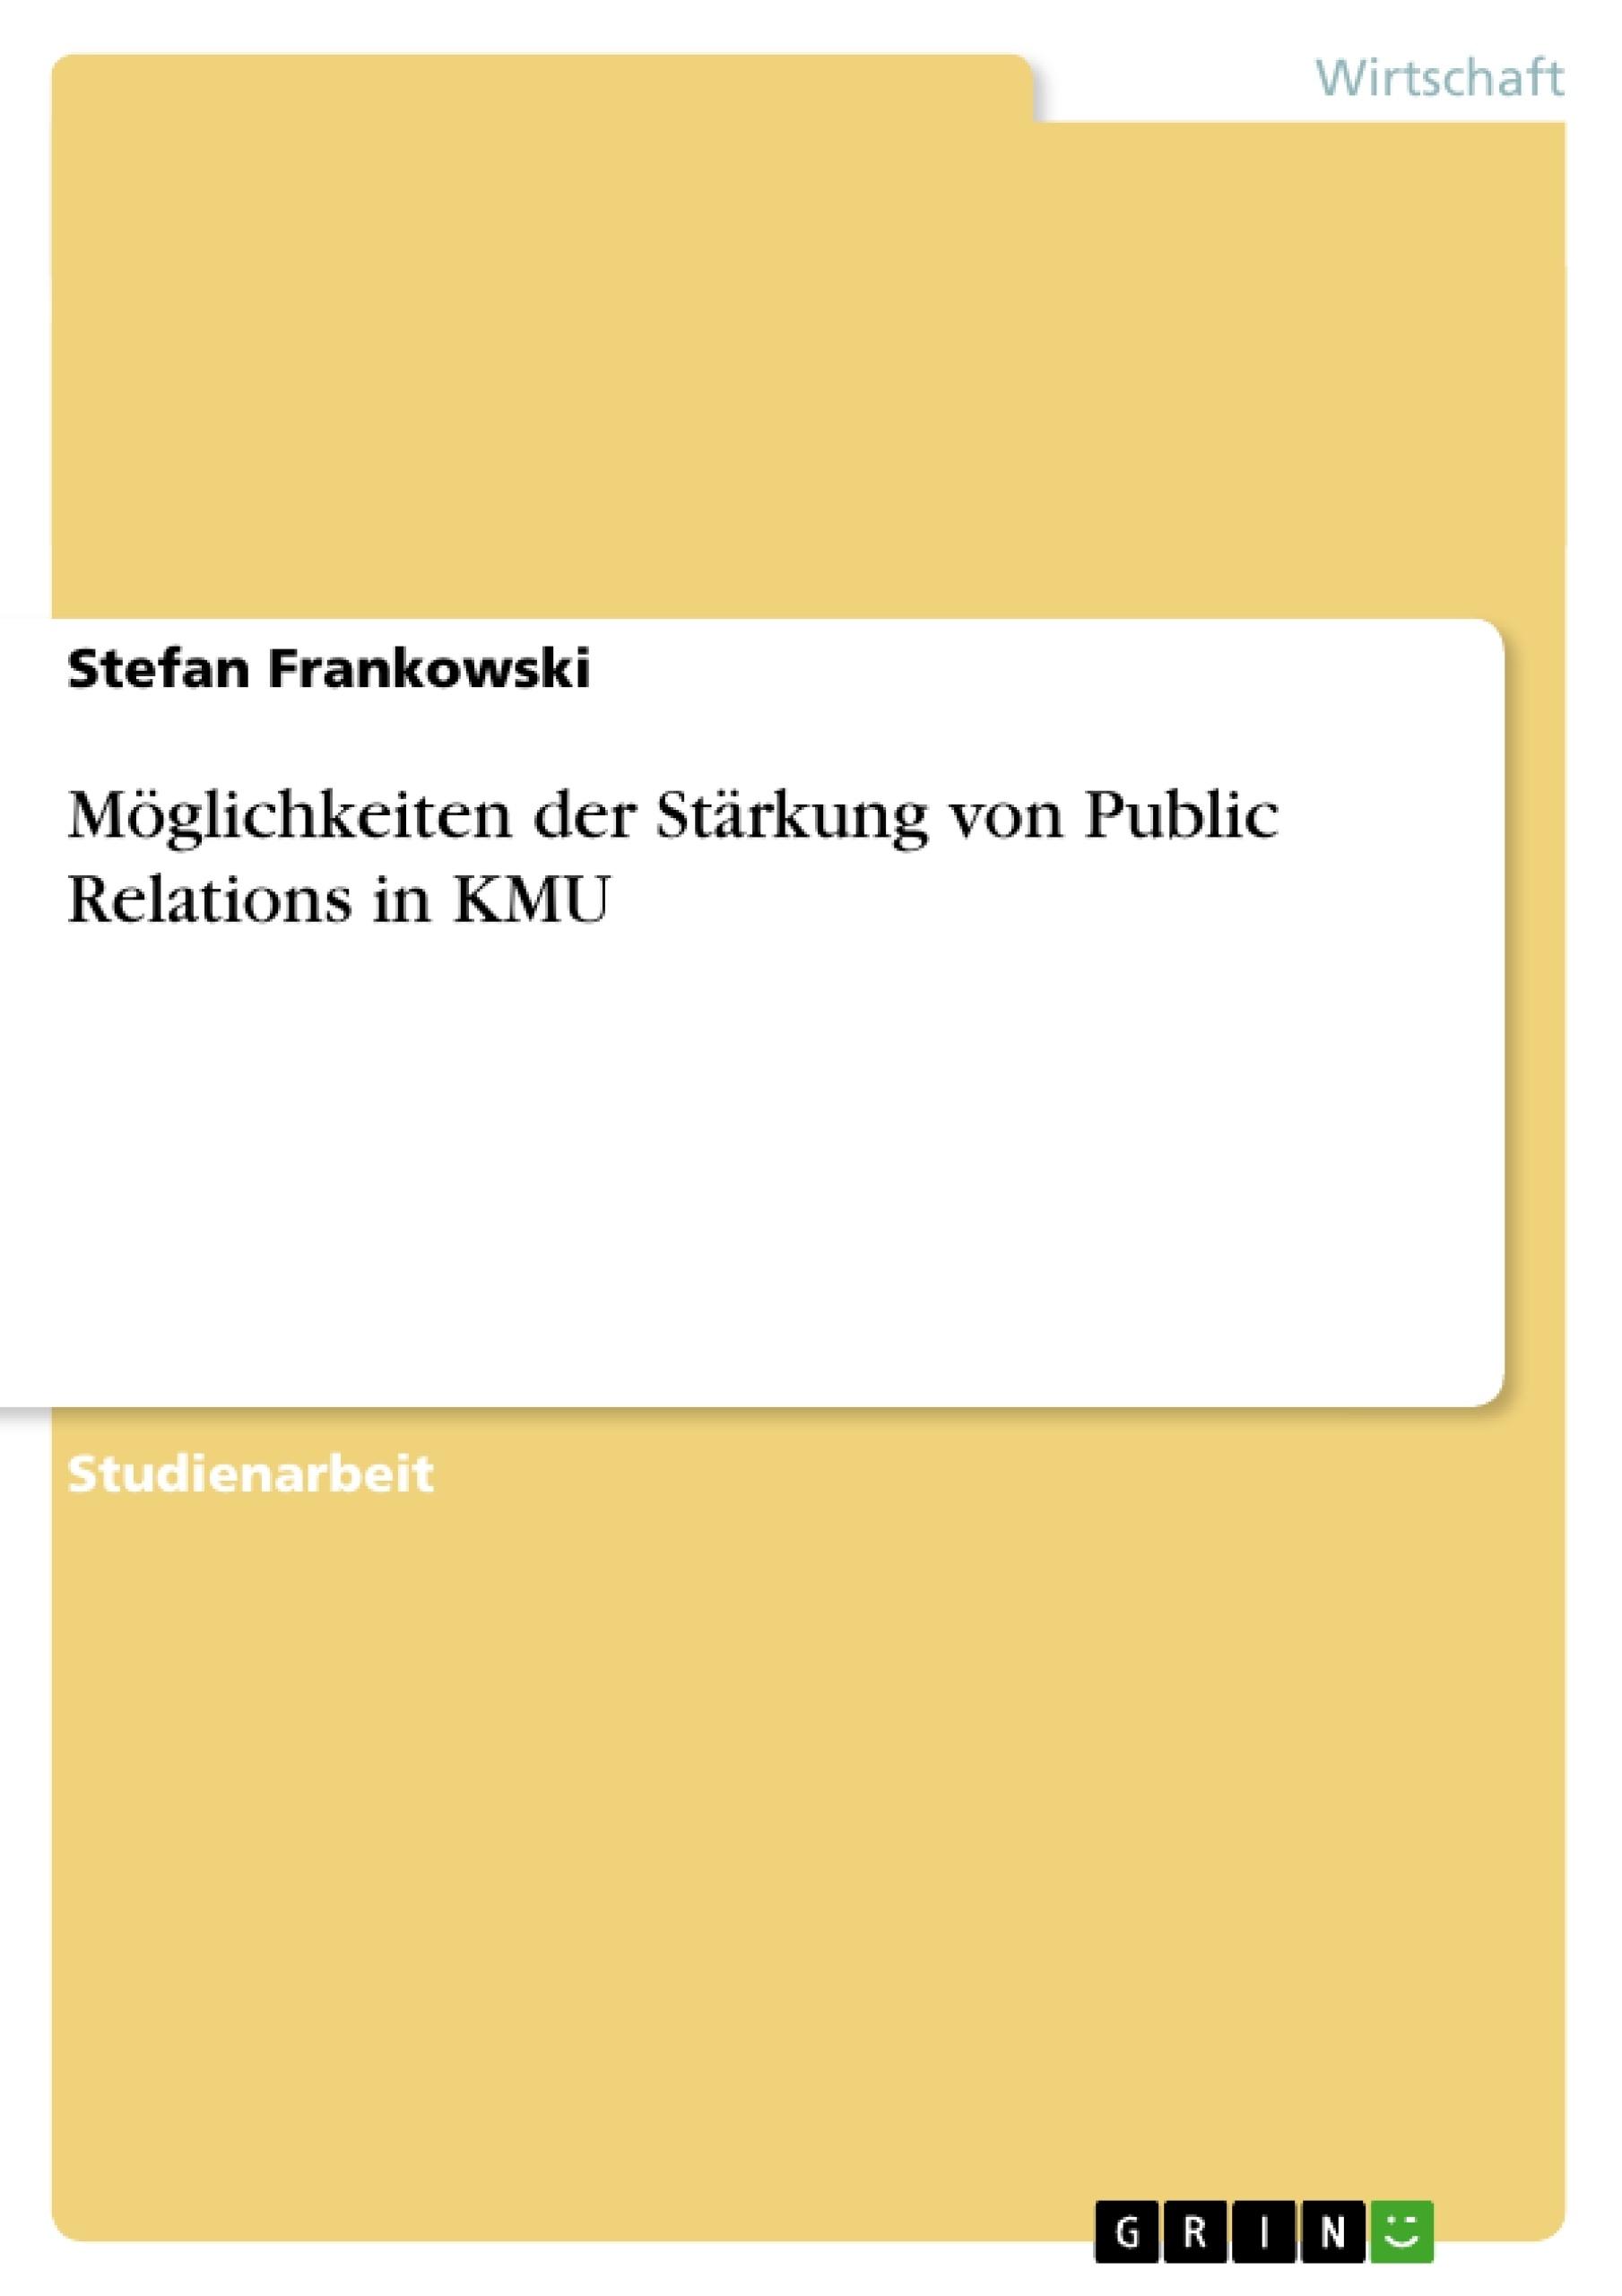 Titel: Möglichkeiten der Stärkung von Public Relations in KMU